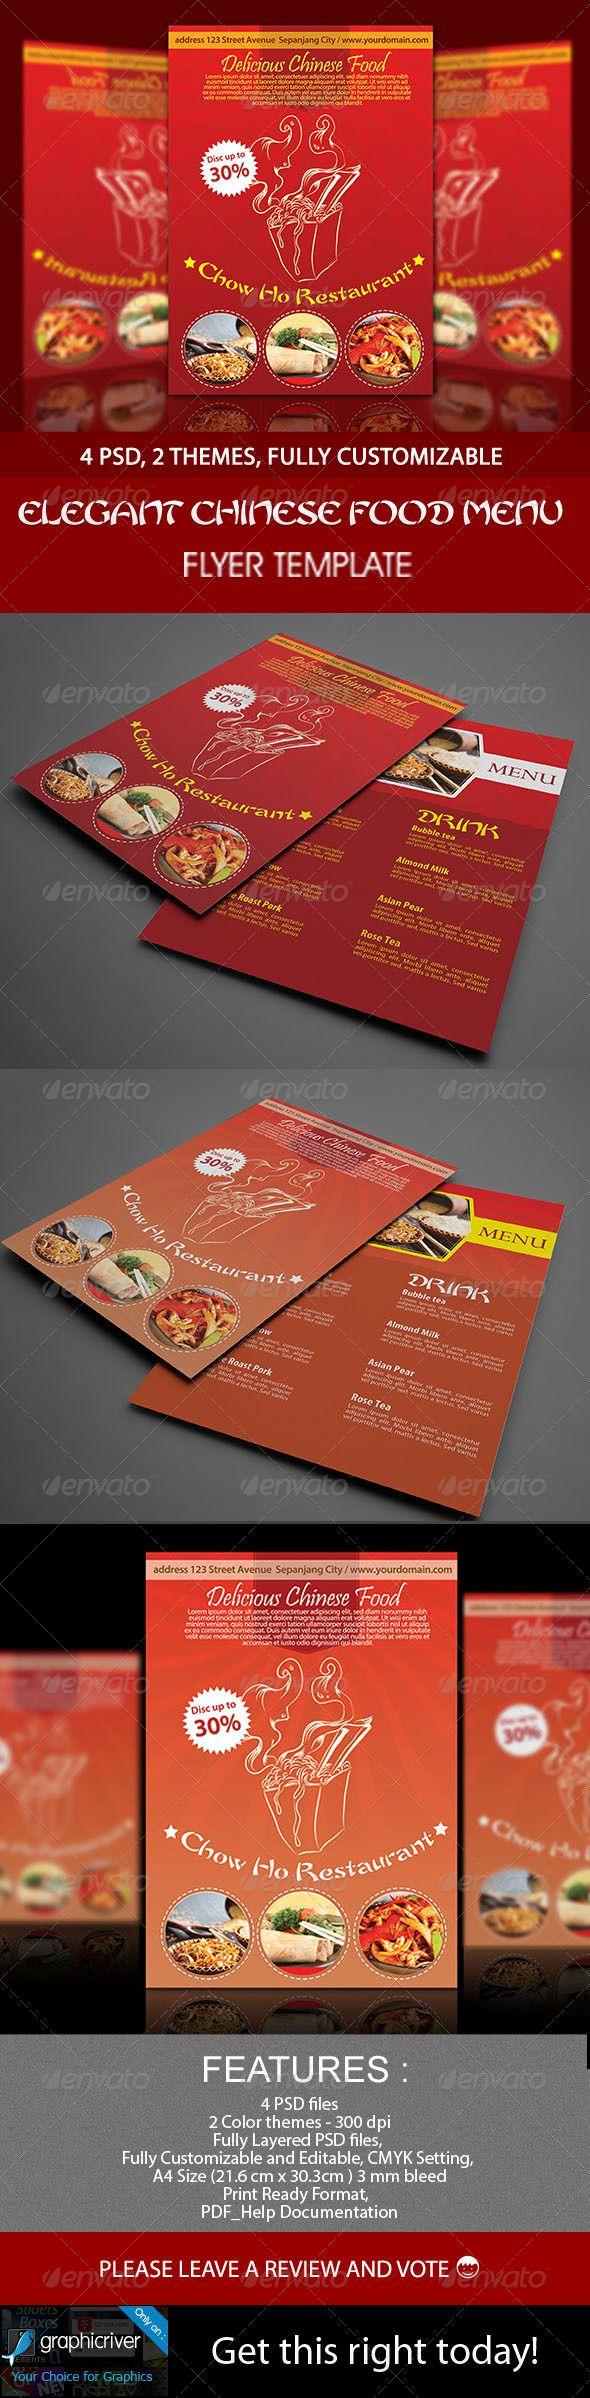 Elegant Chinese Food Menu Flyer Template – Menu Flyer Template